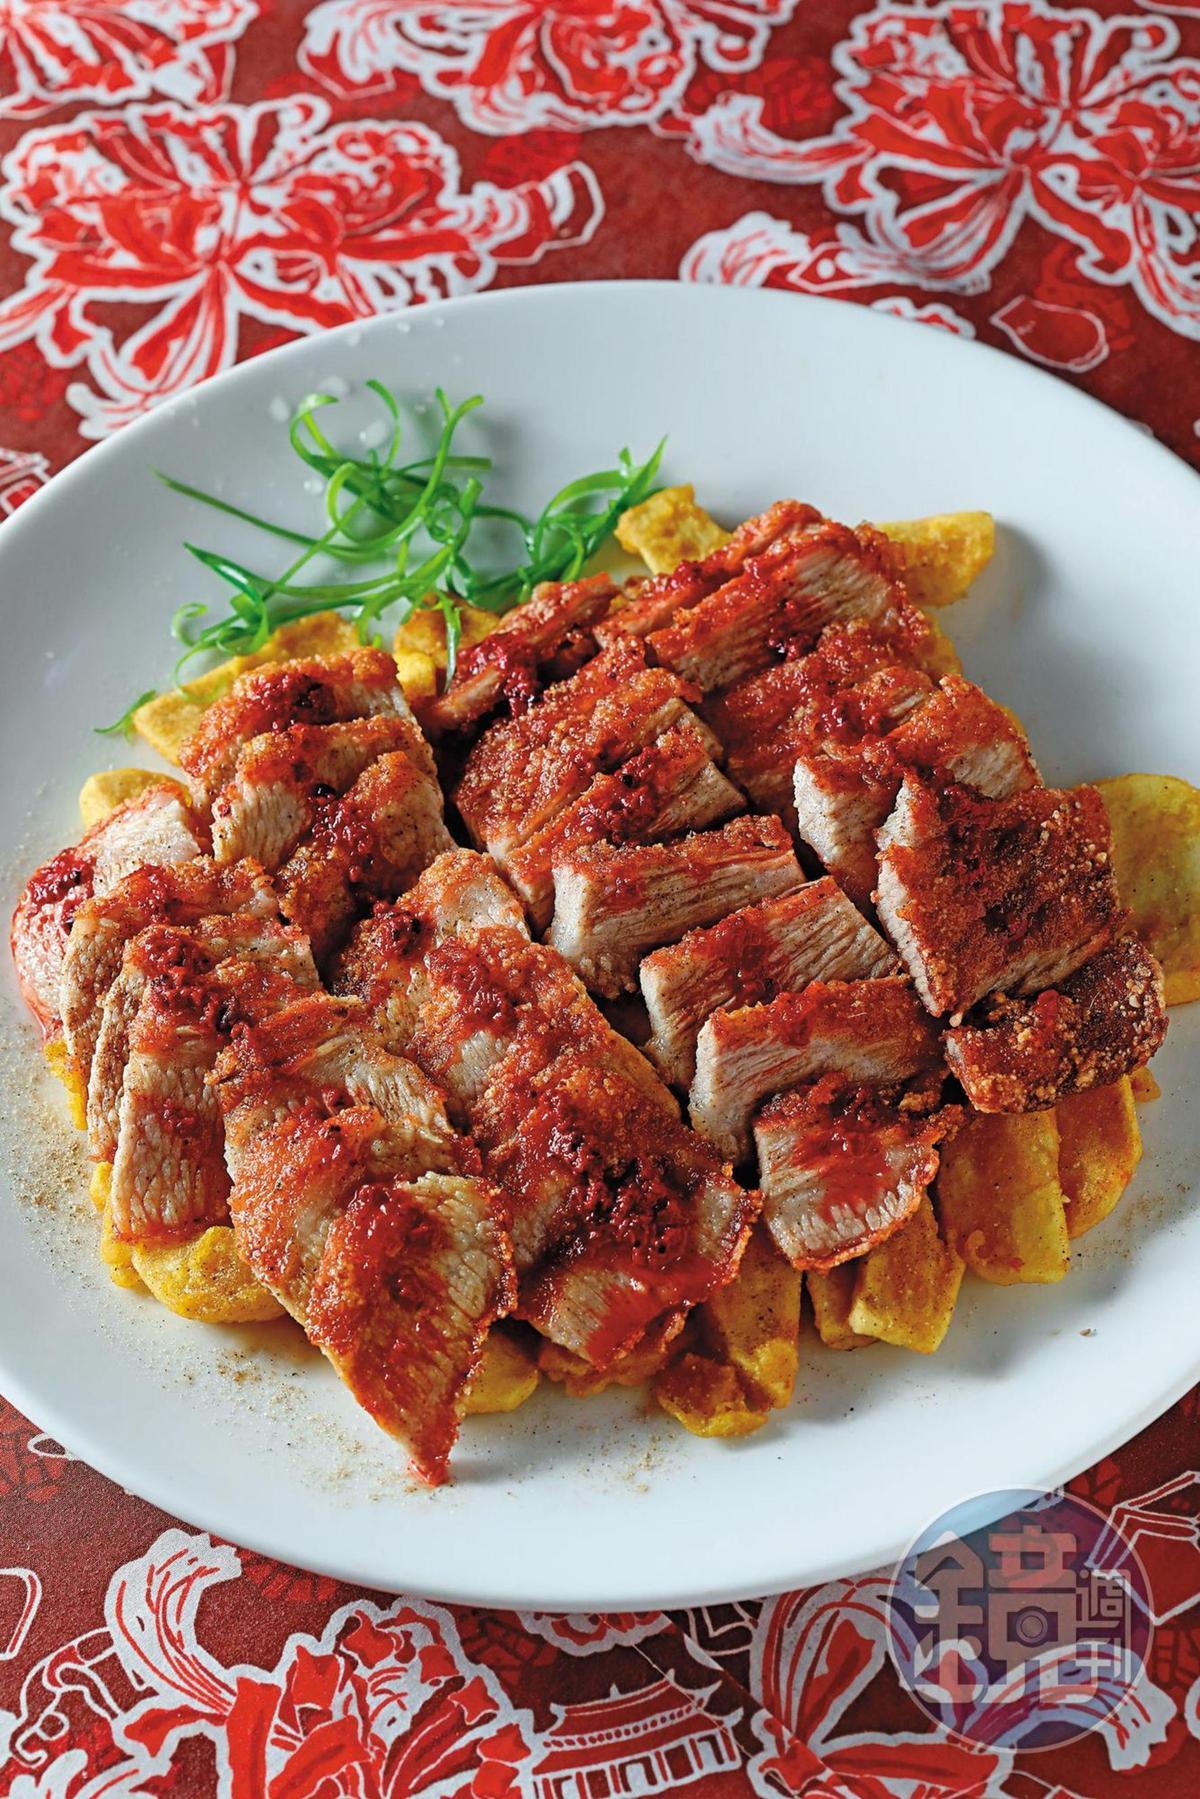 「紅糟松阪肉」肉質瘦帶勁,沒有傳統五花肉的油膩感。(5,000元桌菜菜色)